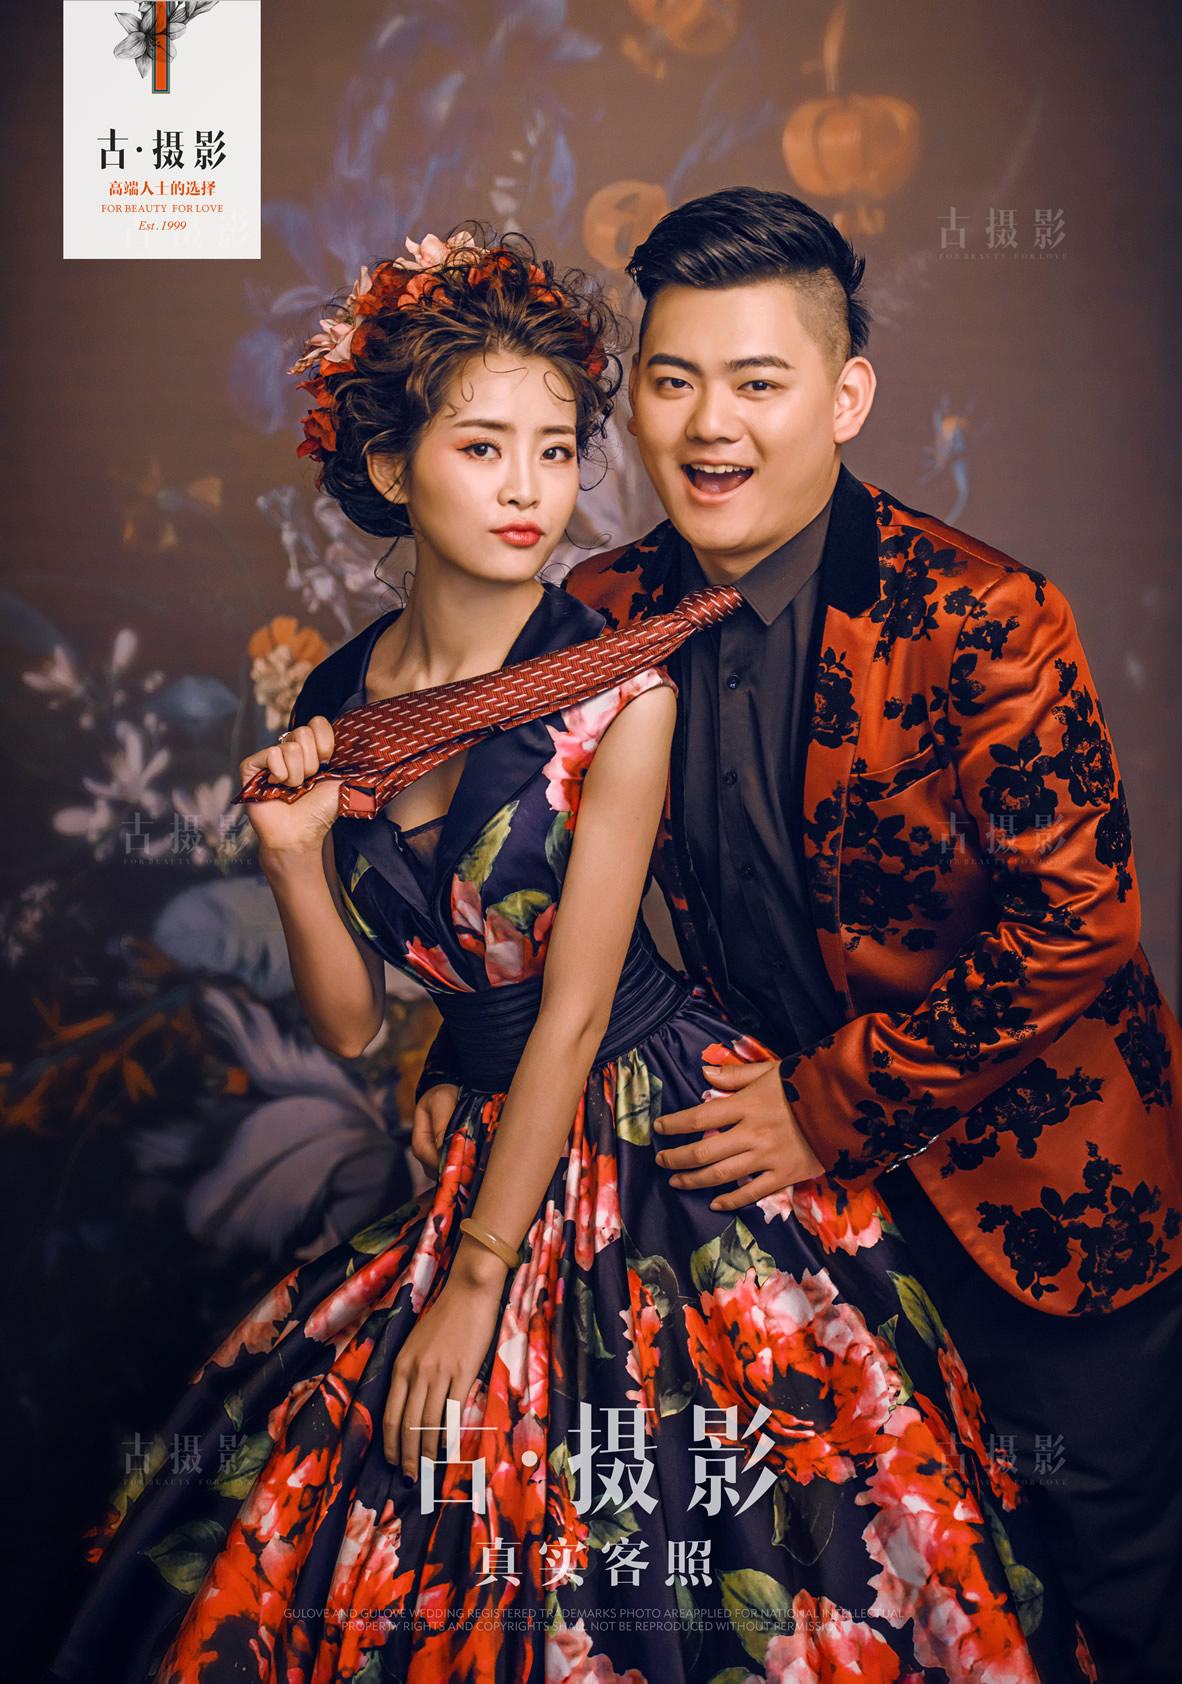 5月17日客片张先生 陈小姐 - 每日客照 - 广州婚纱摄影-广州古摄影官网